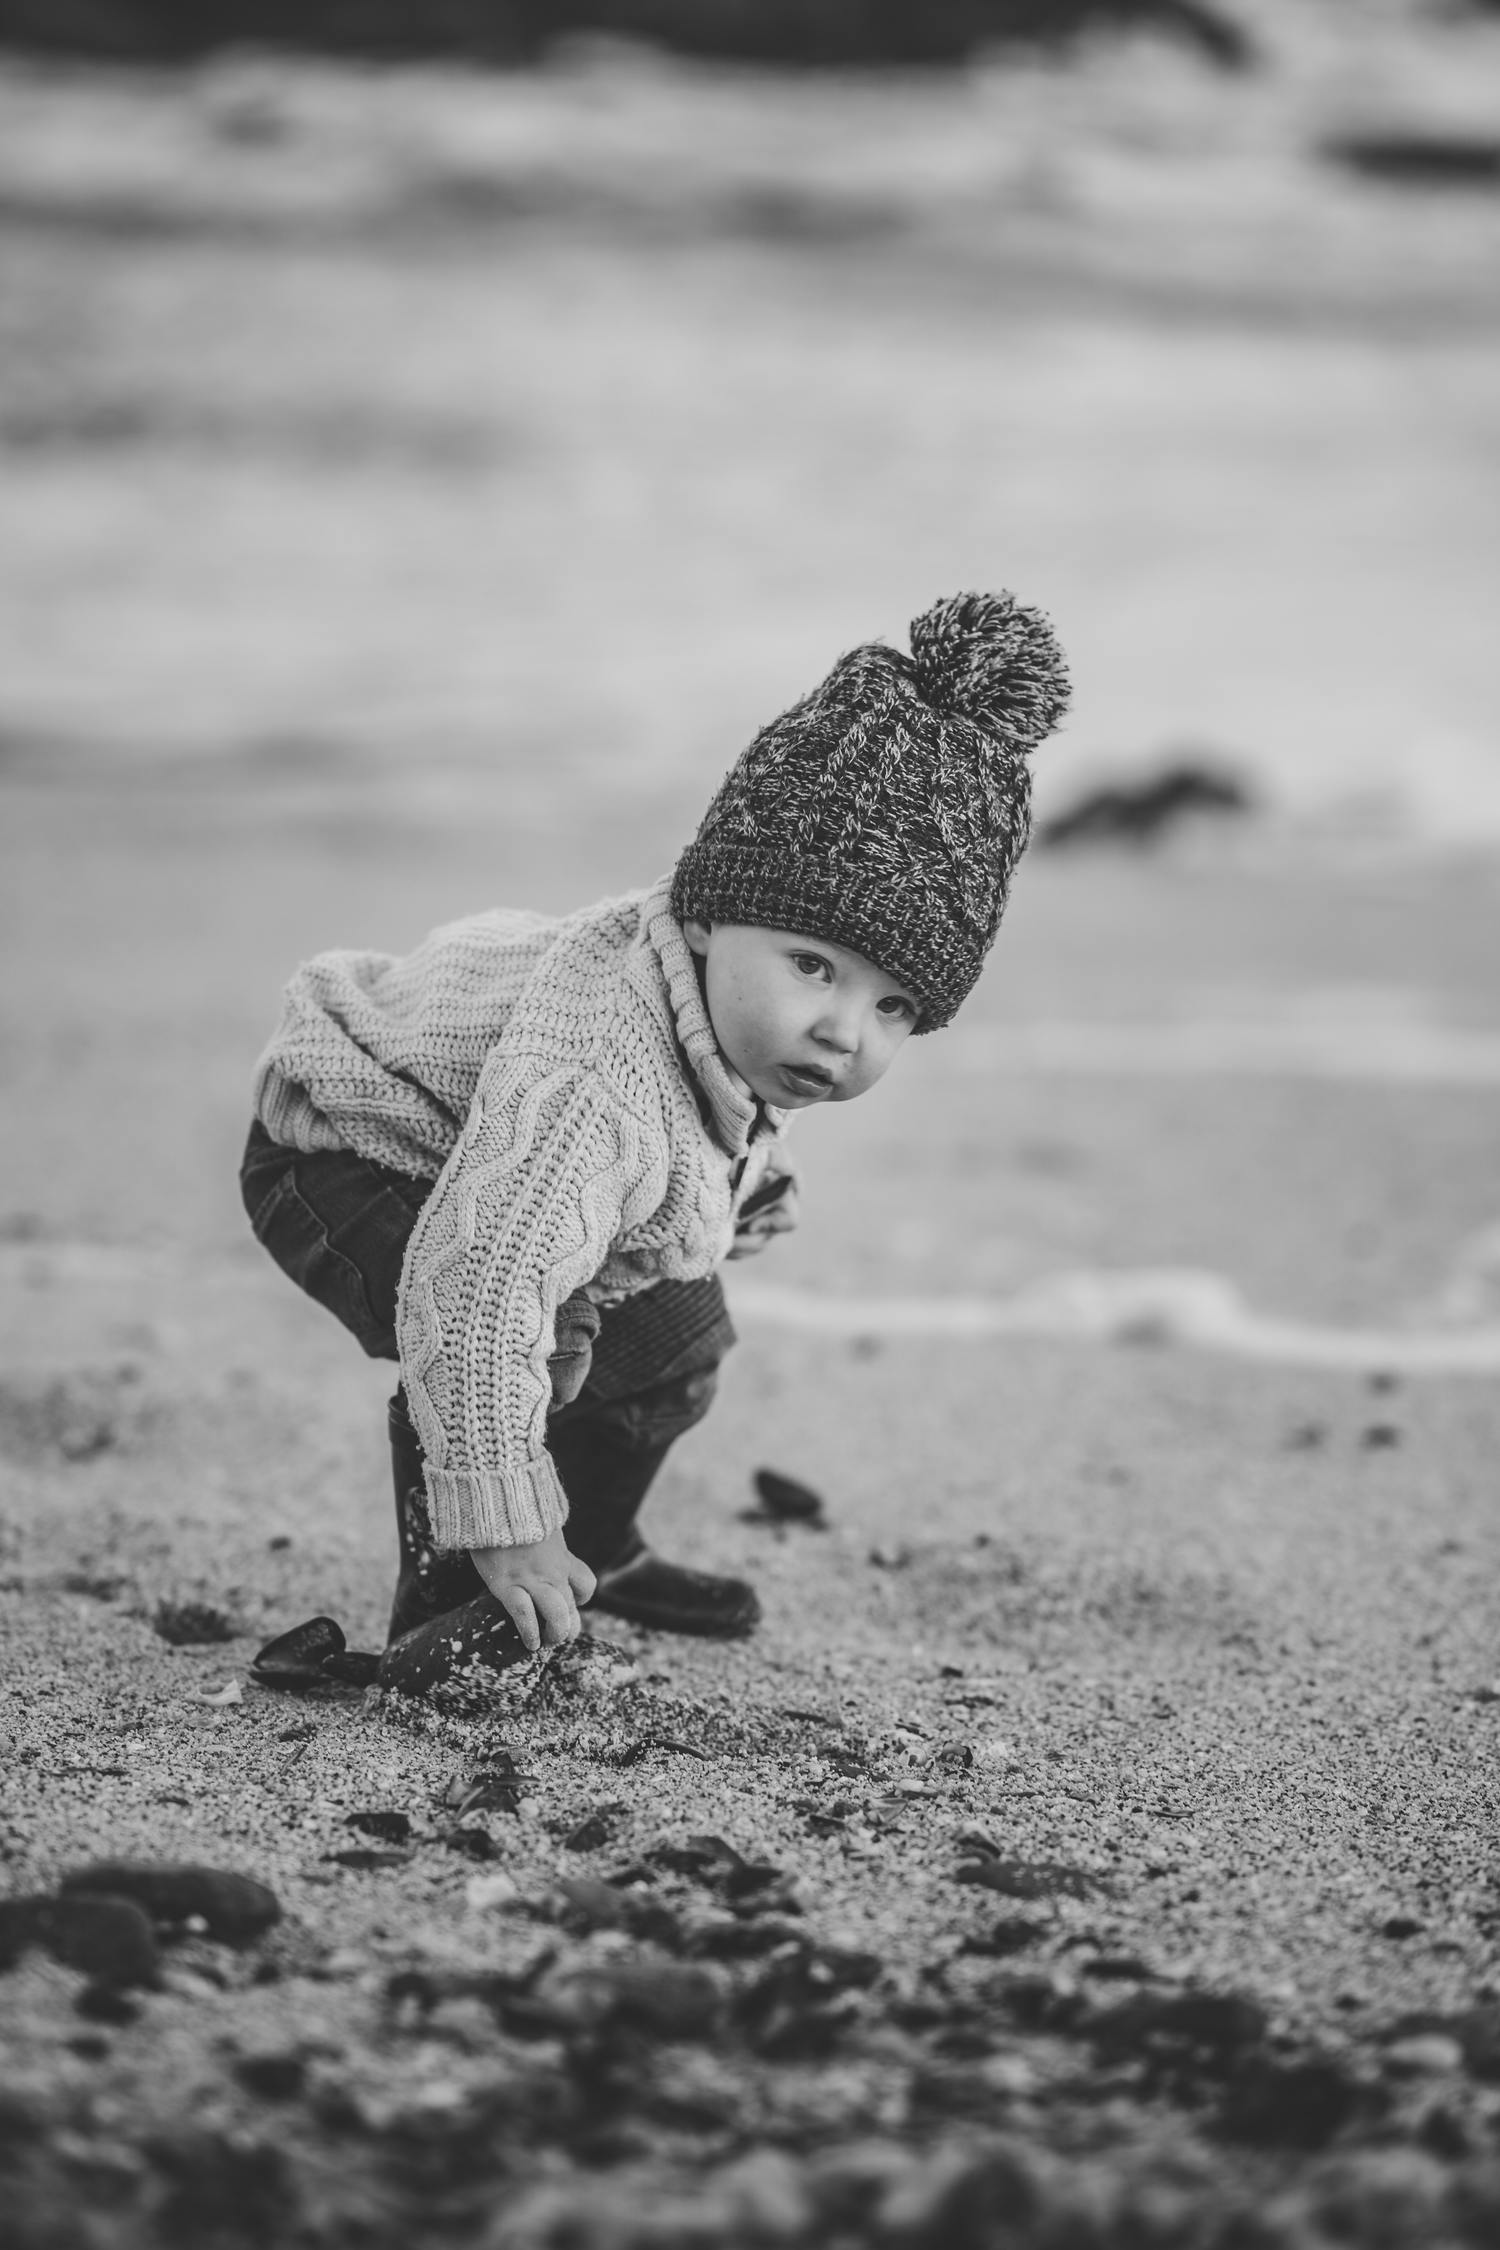 bebé fotografía blanco y negro